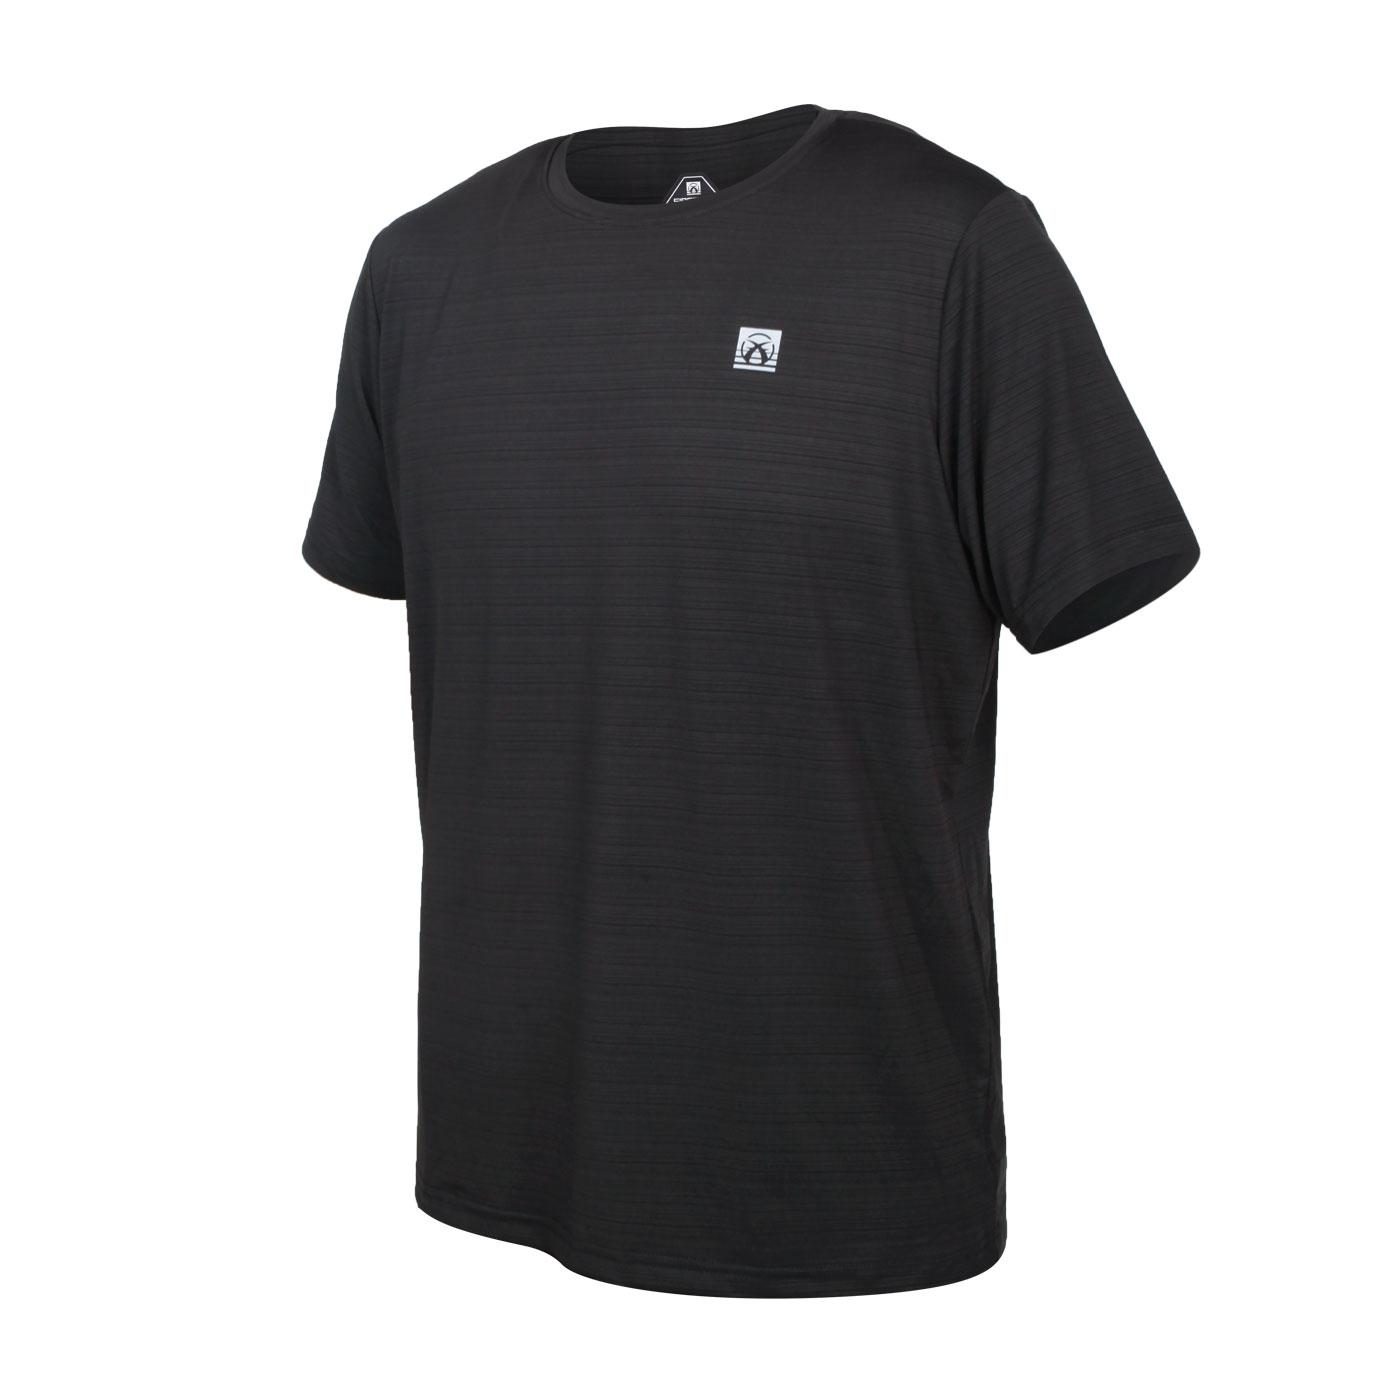 FIRESTAR 男彈性機能短袖圓領T恤 D1733-10 - 黑銀